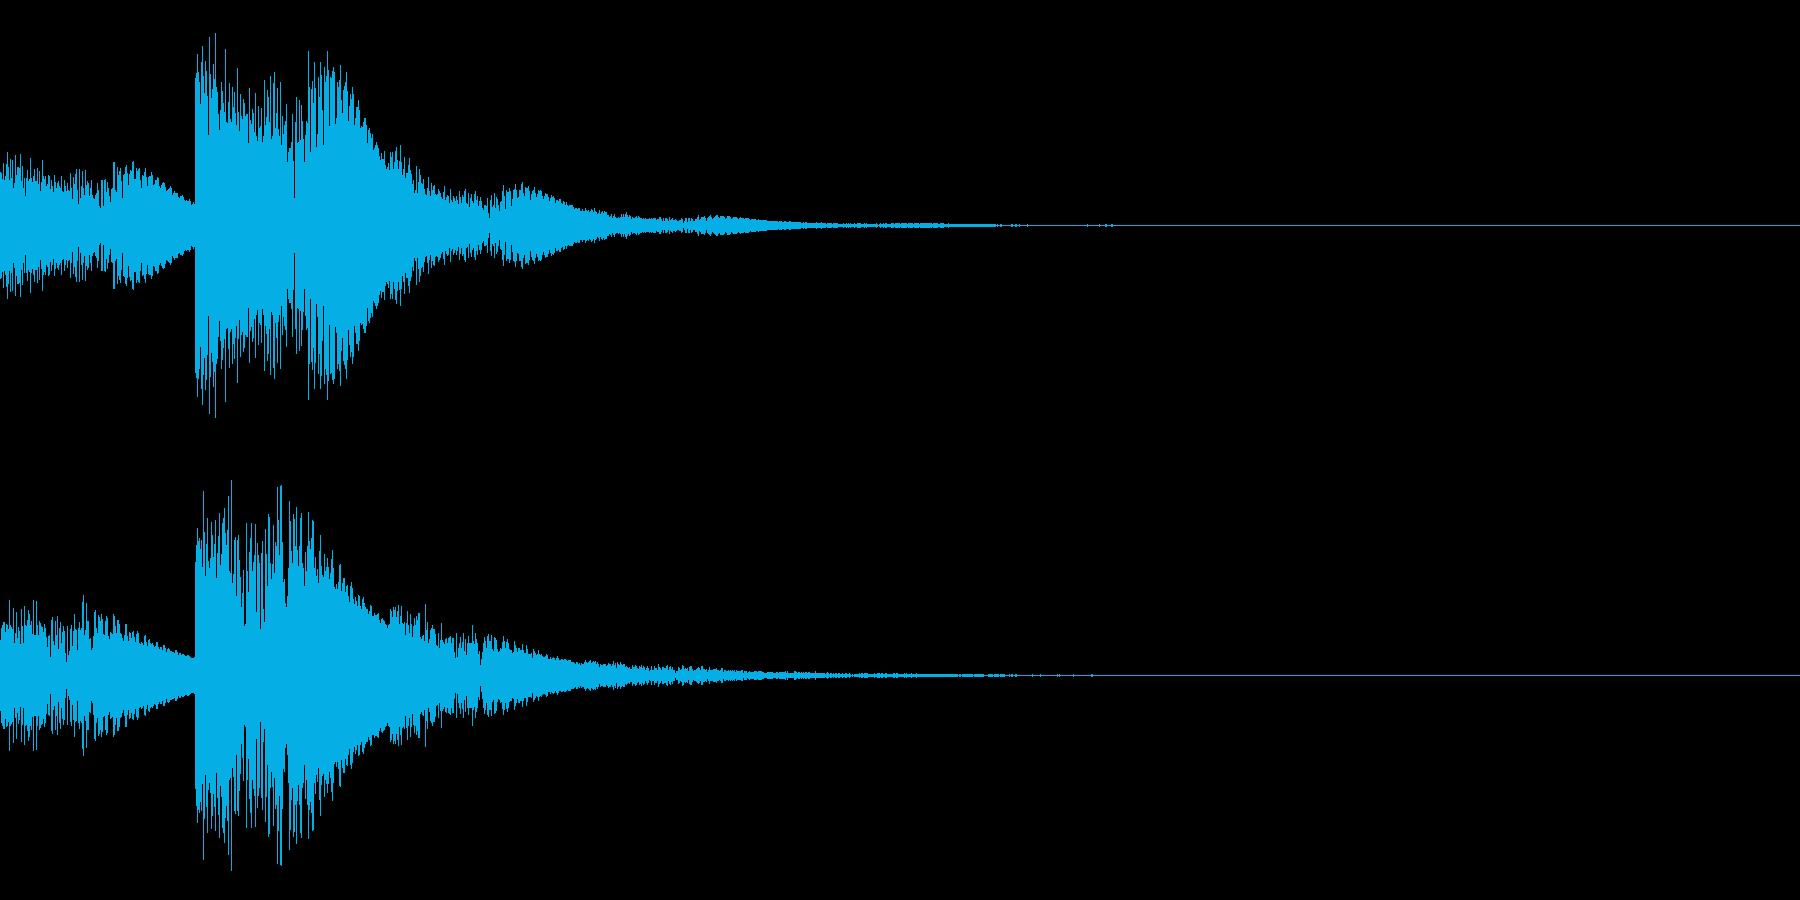 ジュ、ジュ、ジュワ・・・(電子系)の再生済みの波形